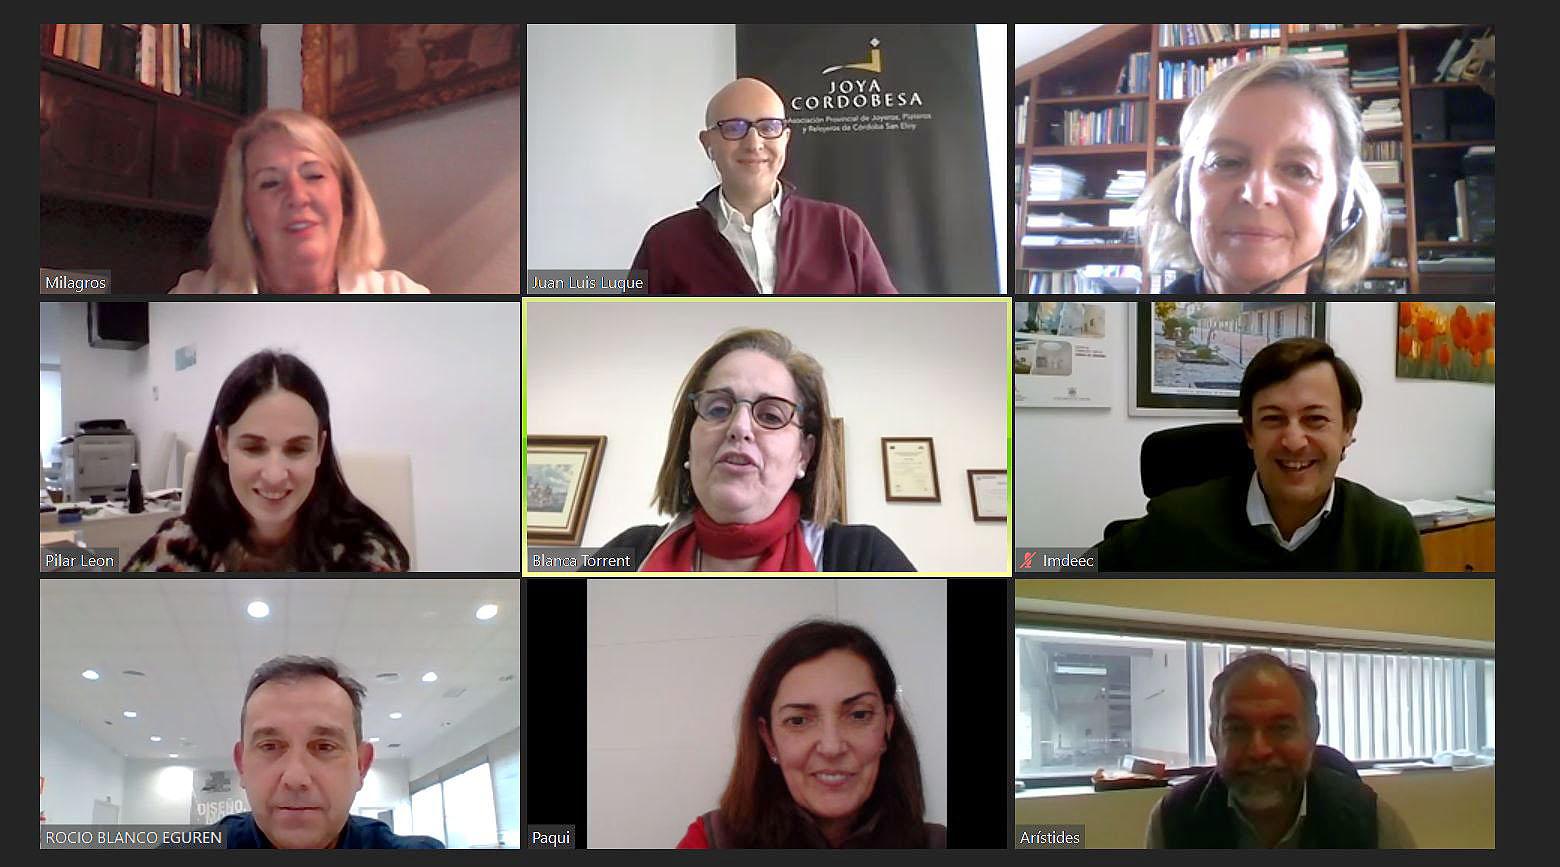 Constituida la comisión de seguimiento del Plan para la puesta en valor de la Joyería de Córdoba del IMDEEC y la Asociación de Joyeros